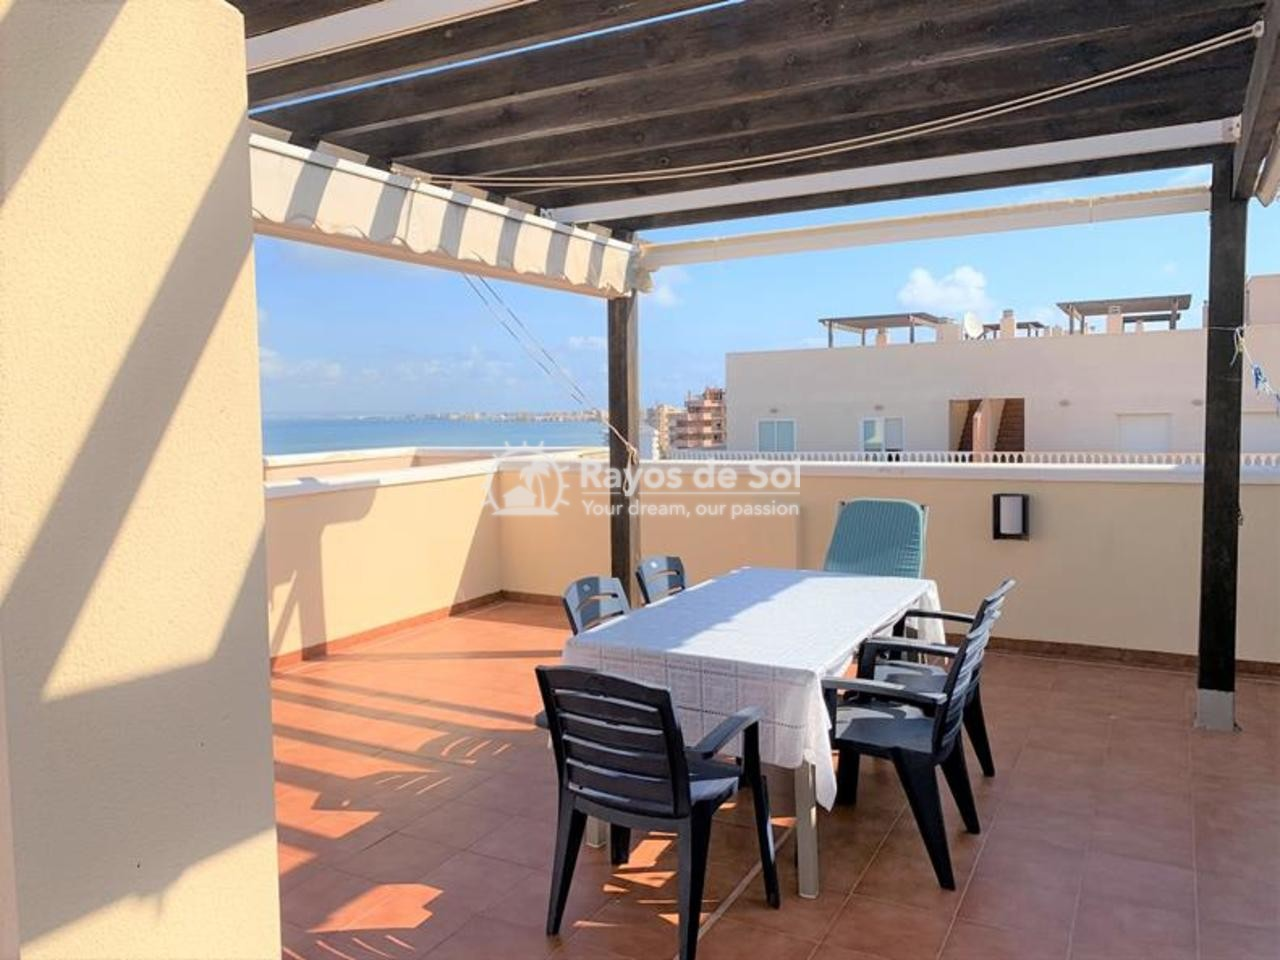 Apartment  in La Manga del Mar Menor, Costa Cálida (561332svm) - 11